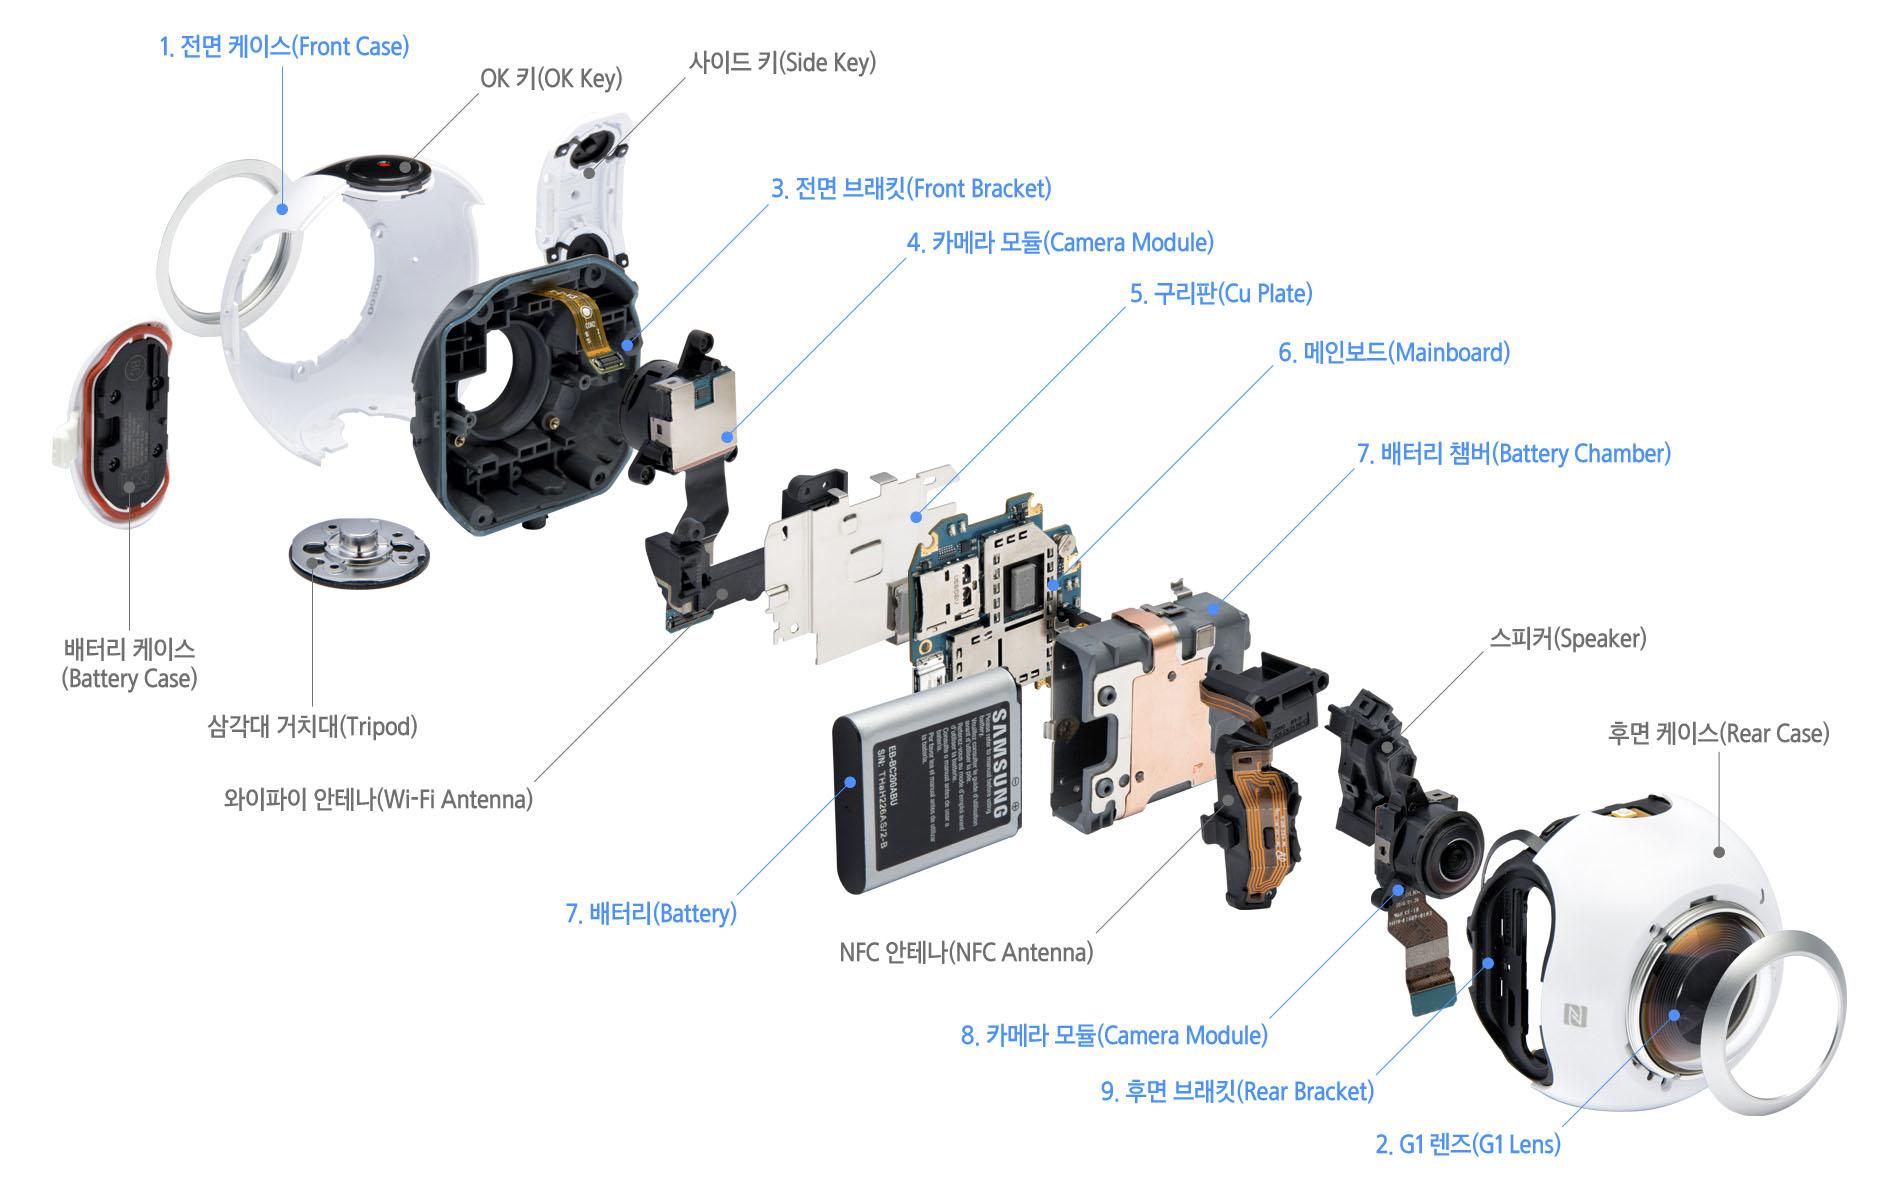 En este despiece de la cámara Gear 360 de Samsung se ven los componentes esenciales de un dispositivo de este tipo.